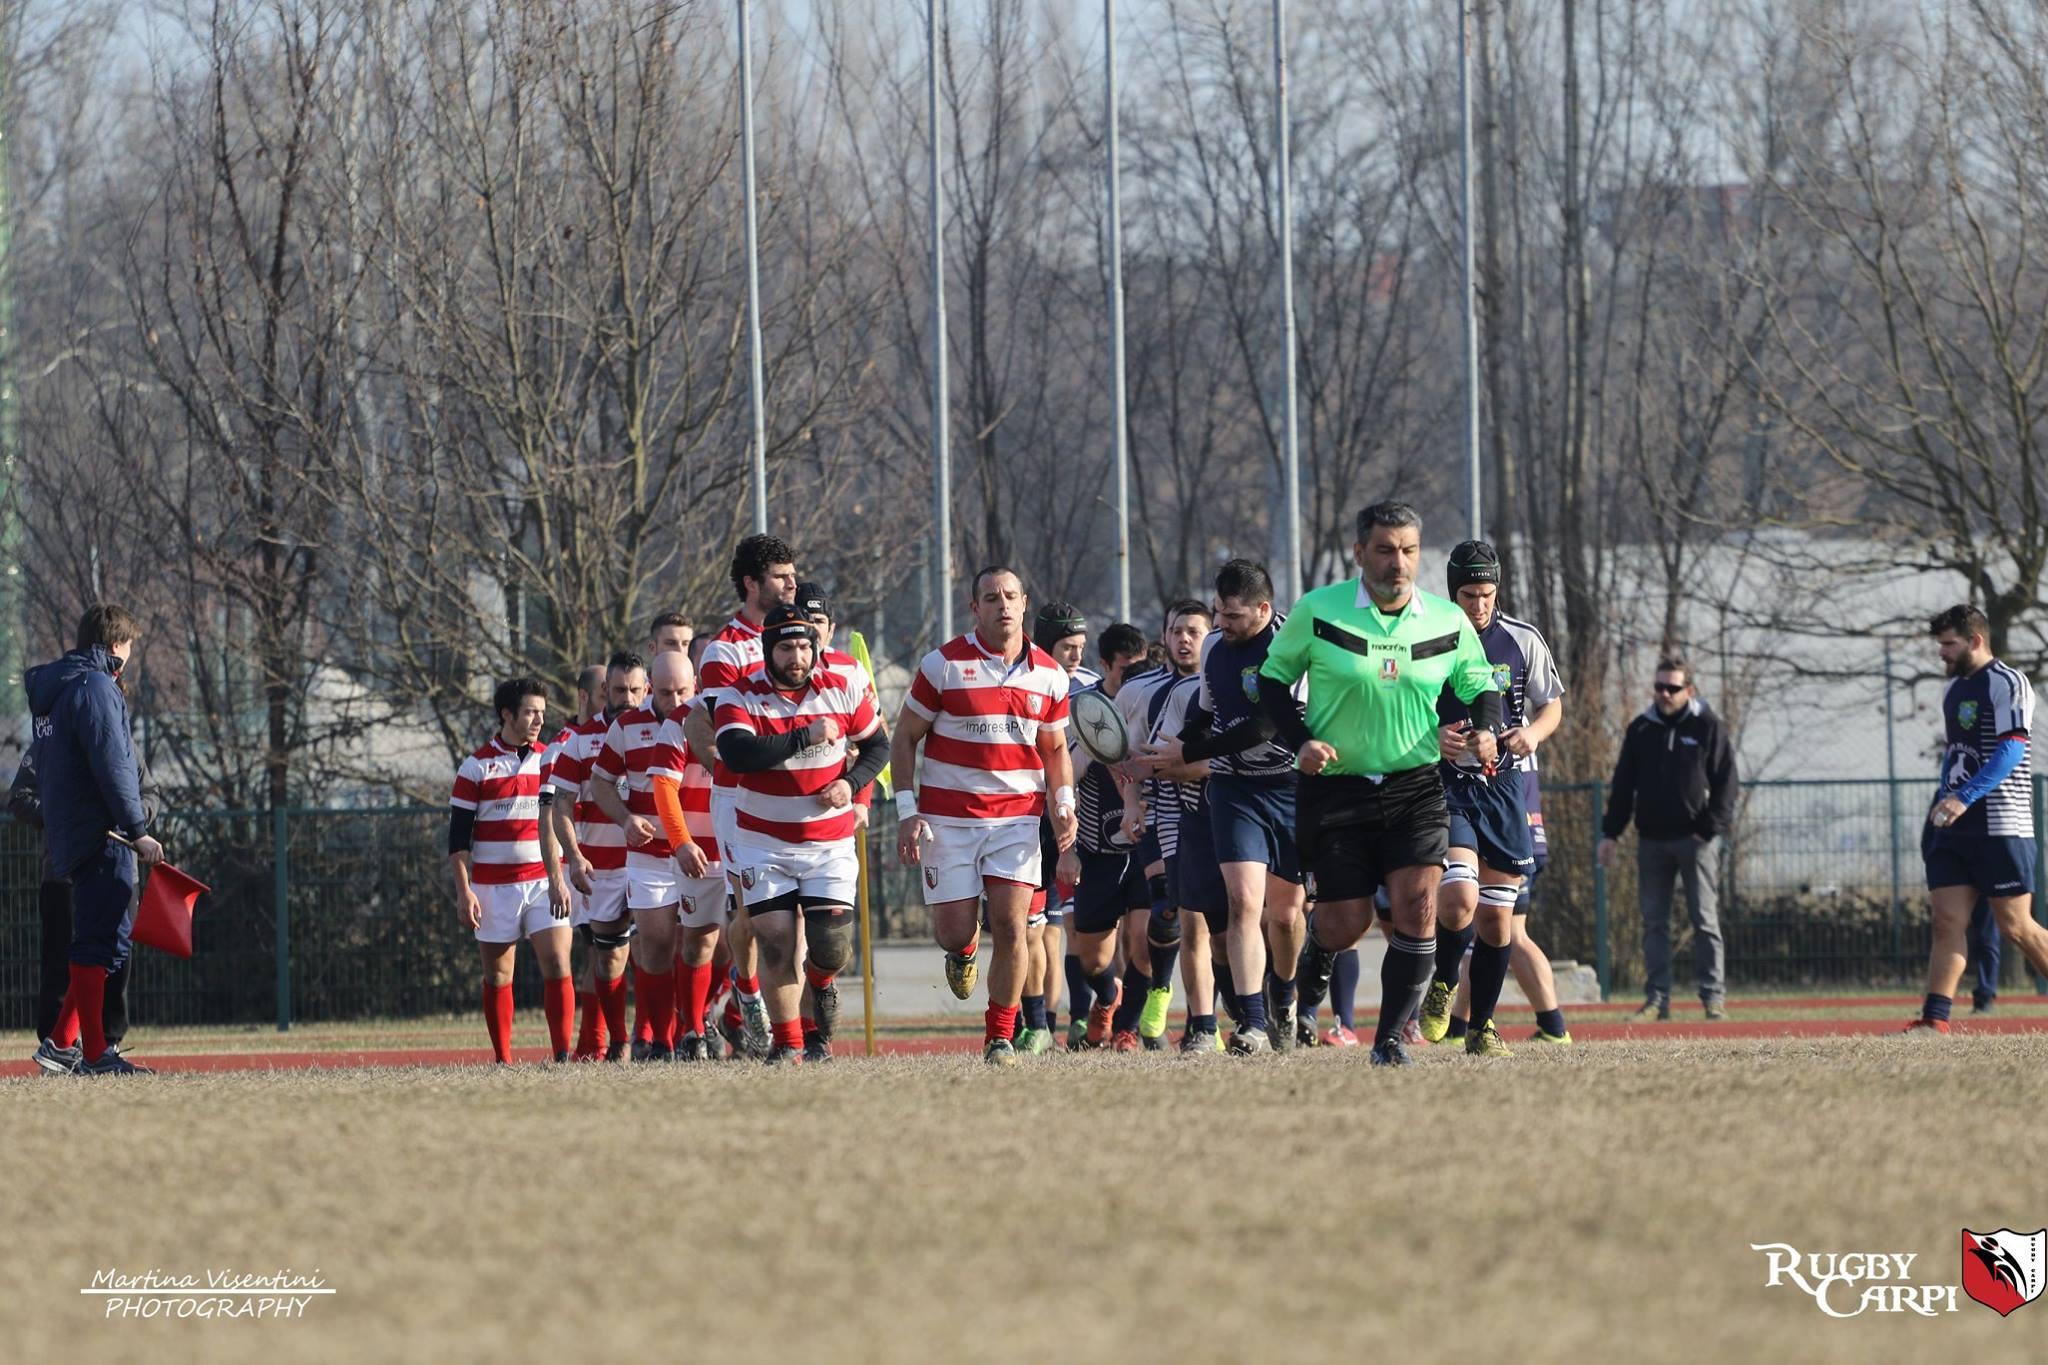 Il Rugby Carpi riprende le attività